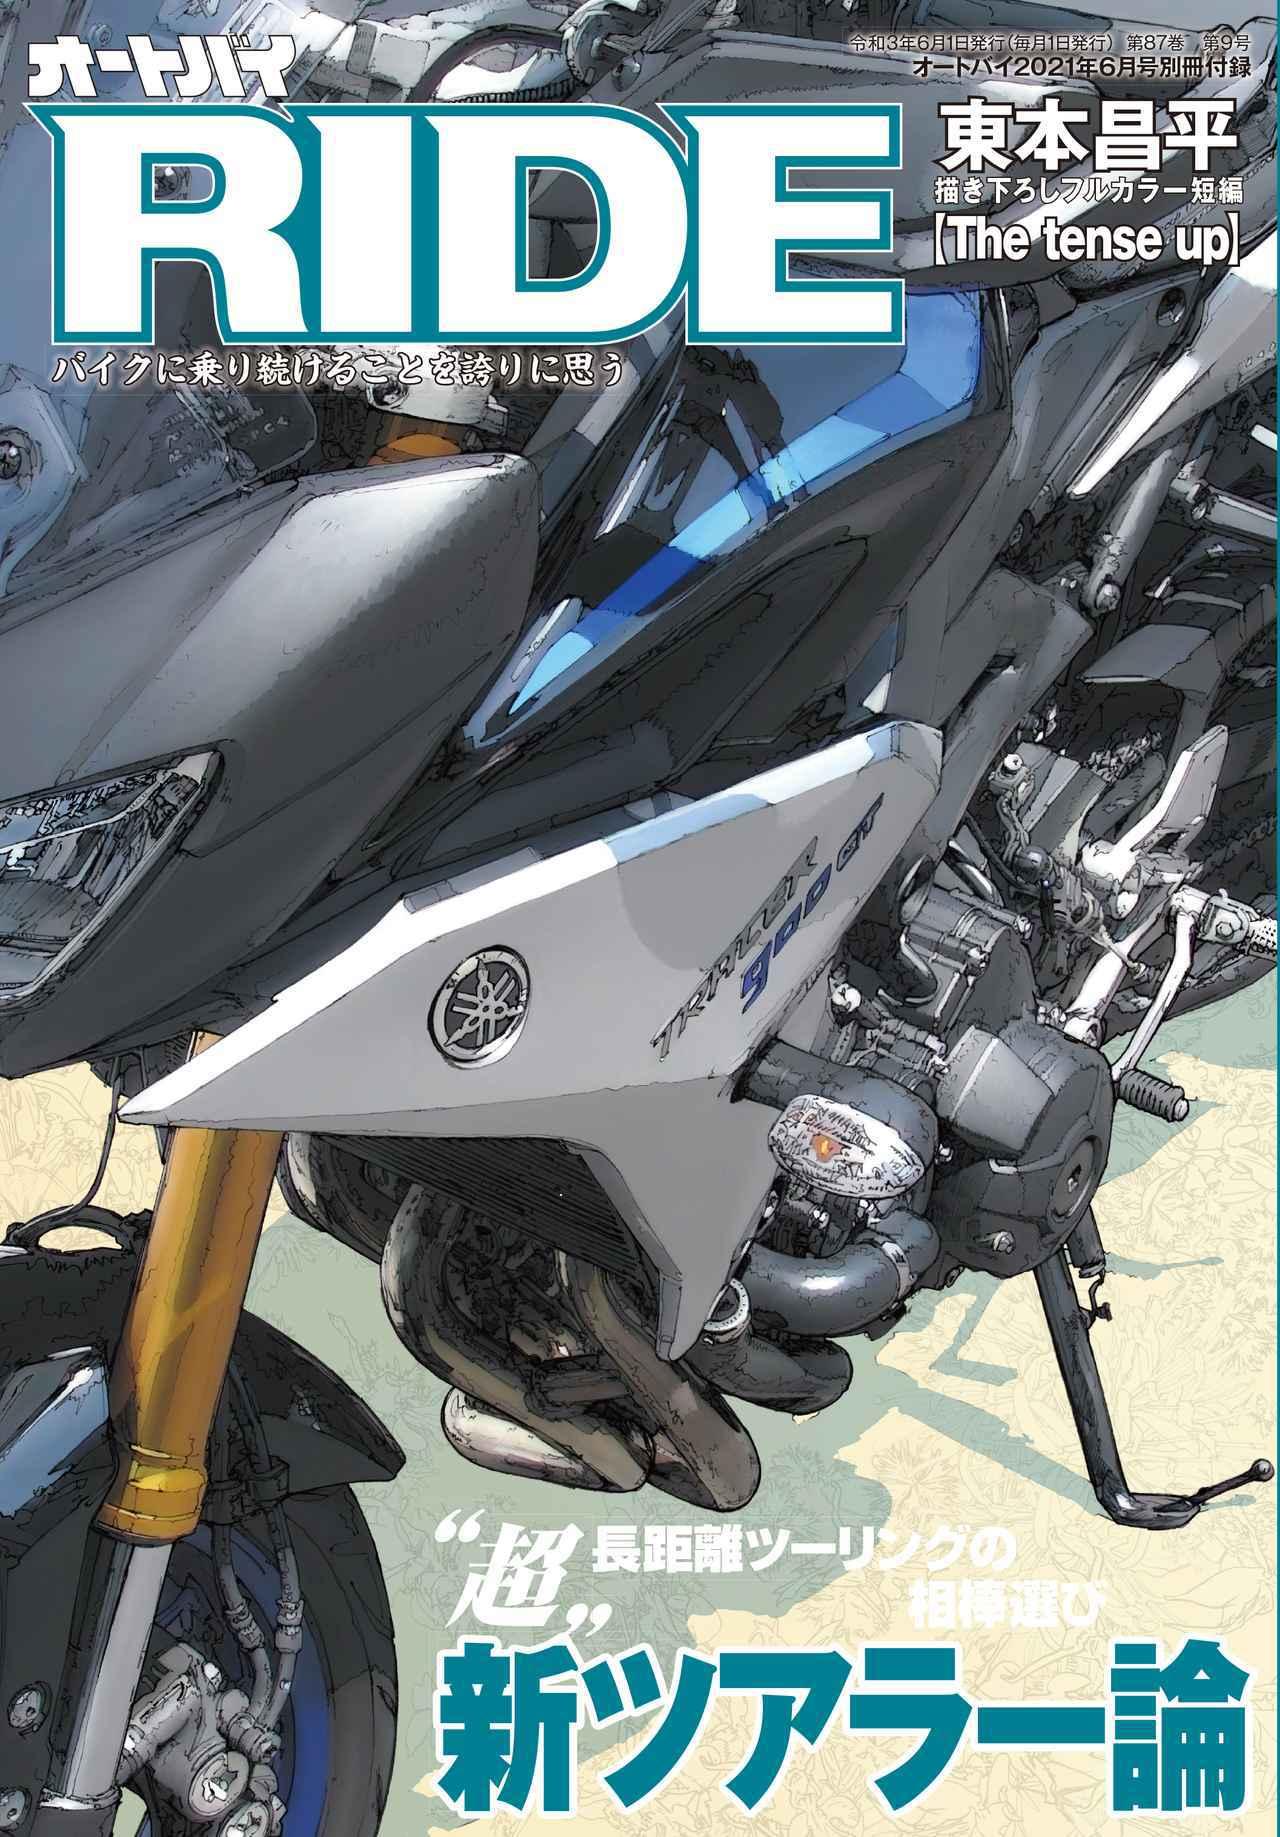 画像3: 月刊『オートバイ』6月号の特集はGB350/SR400比較検証! スクープも掲載! 別冊付録「RIDE」はツアラー大特集